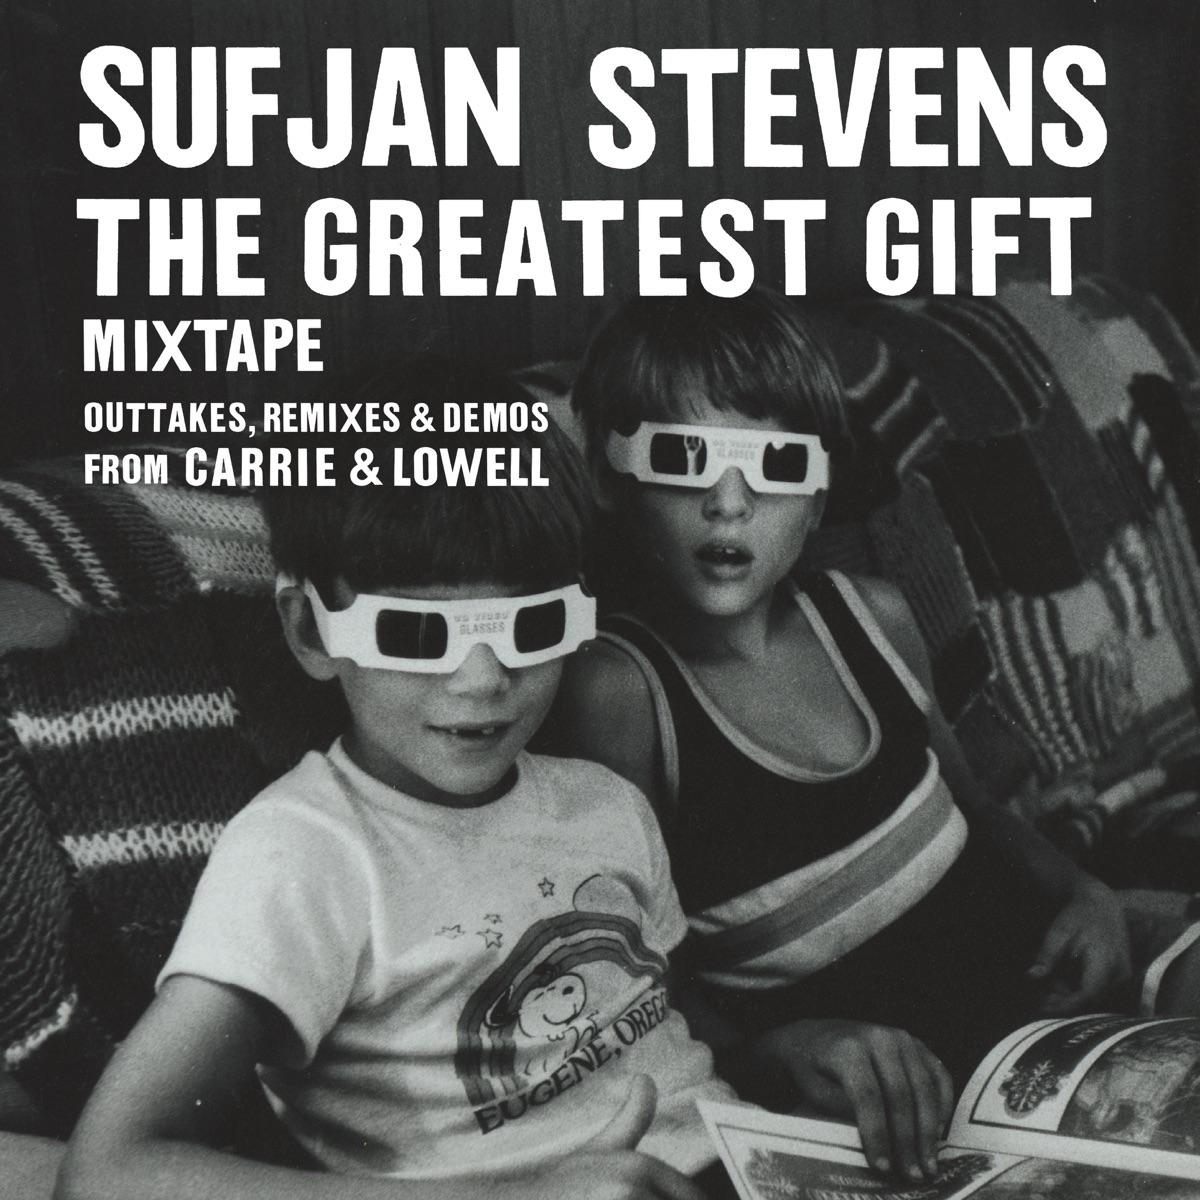 The Greatest Gift Sufjan Stevens CD cover